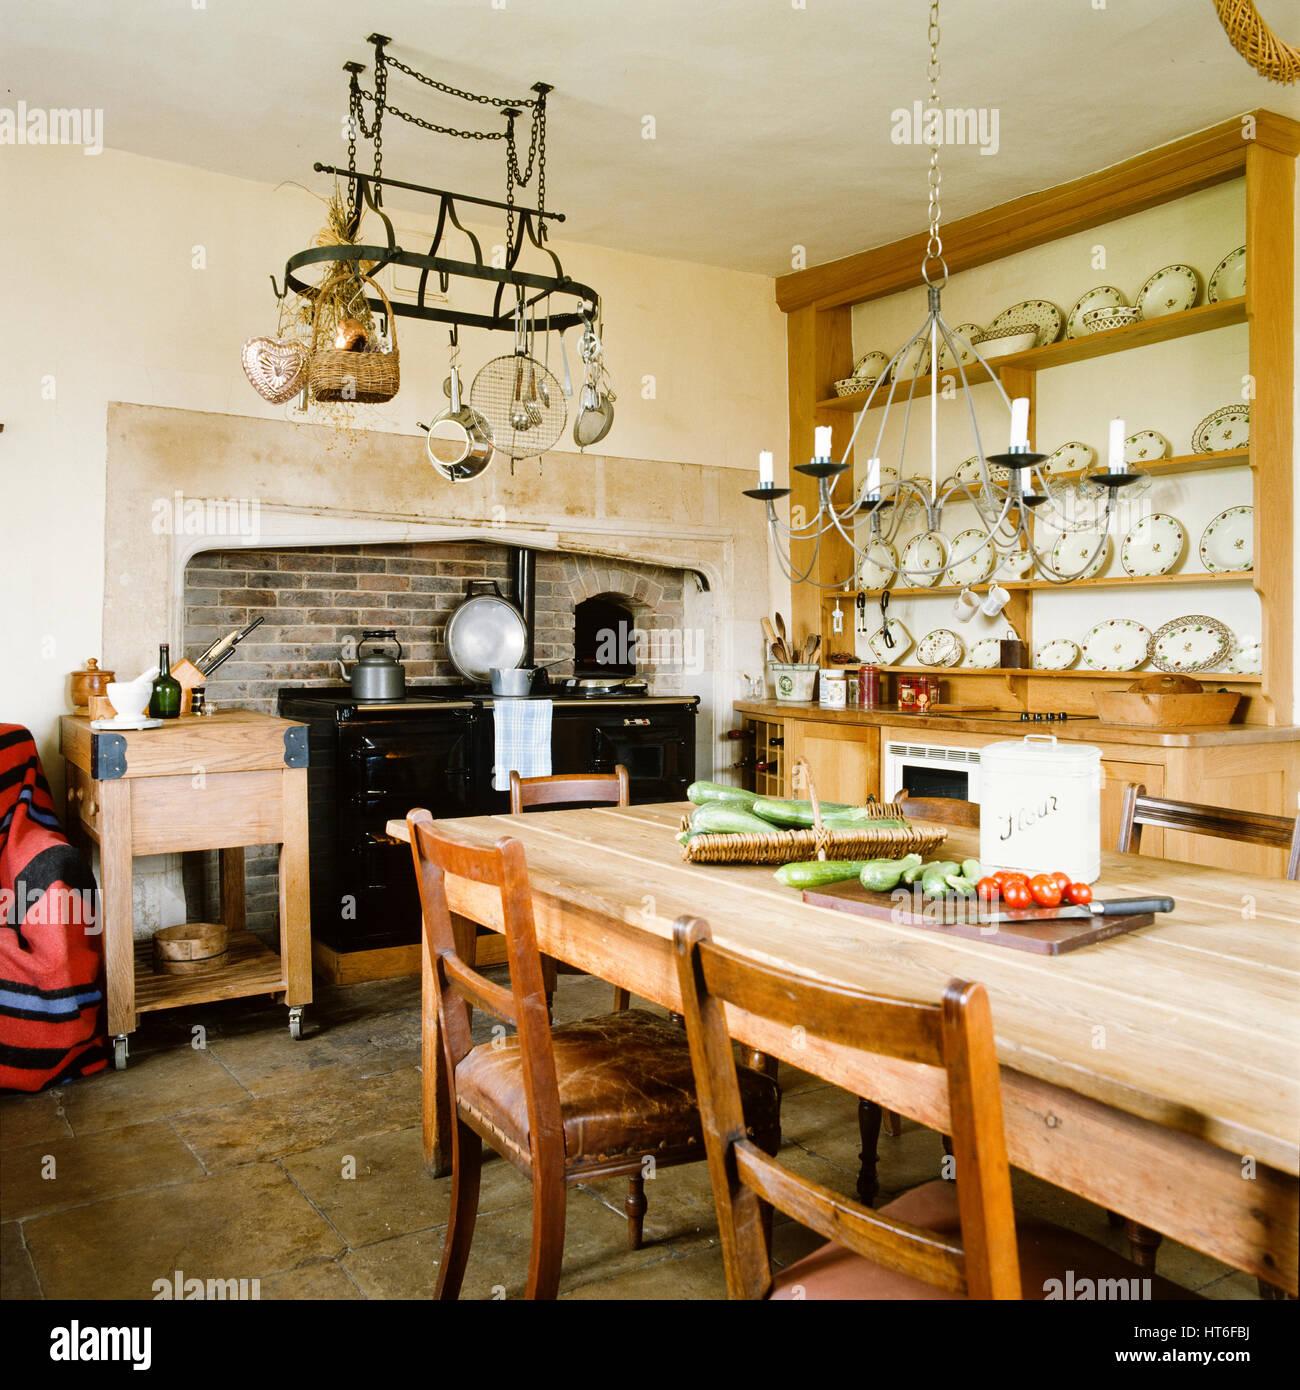 Heritage Kitchen Furniture Table Stock Photos Heritage Kitchen